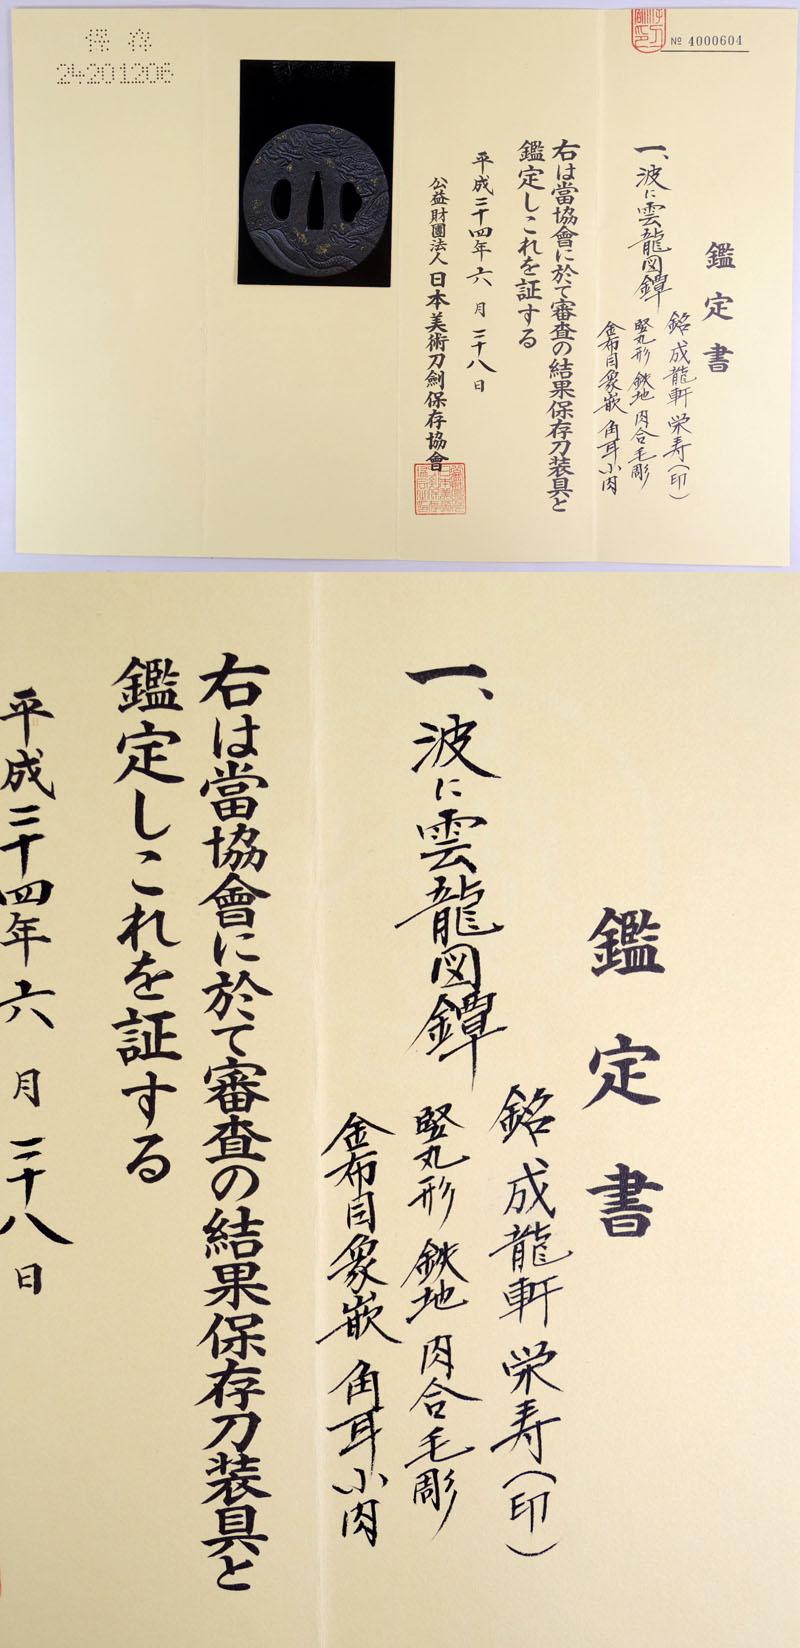 波に雲龍図鍔 成龍軒 栄寿(印)鑑定書画像